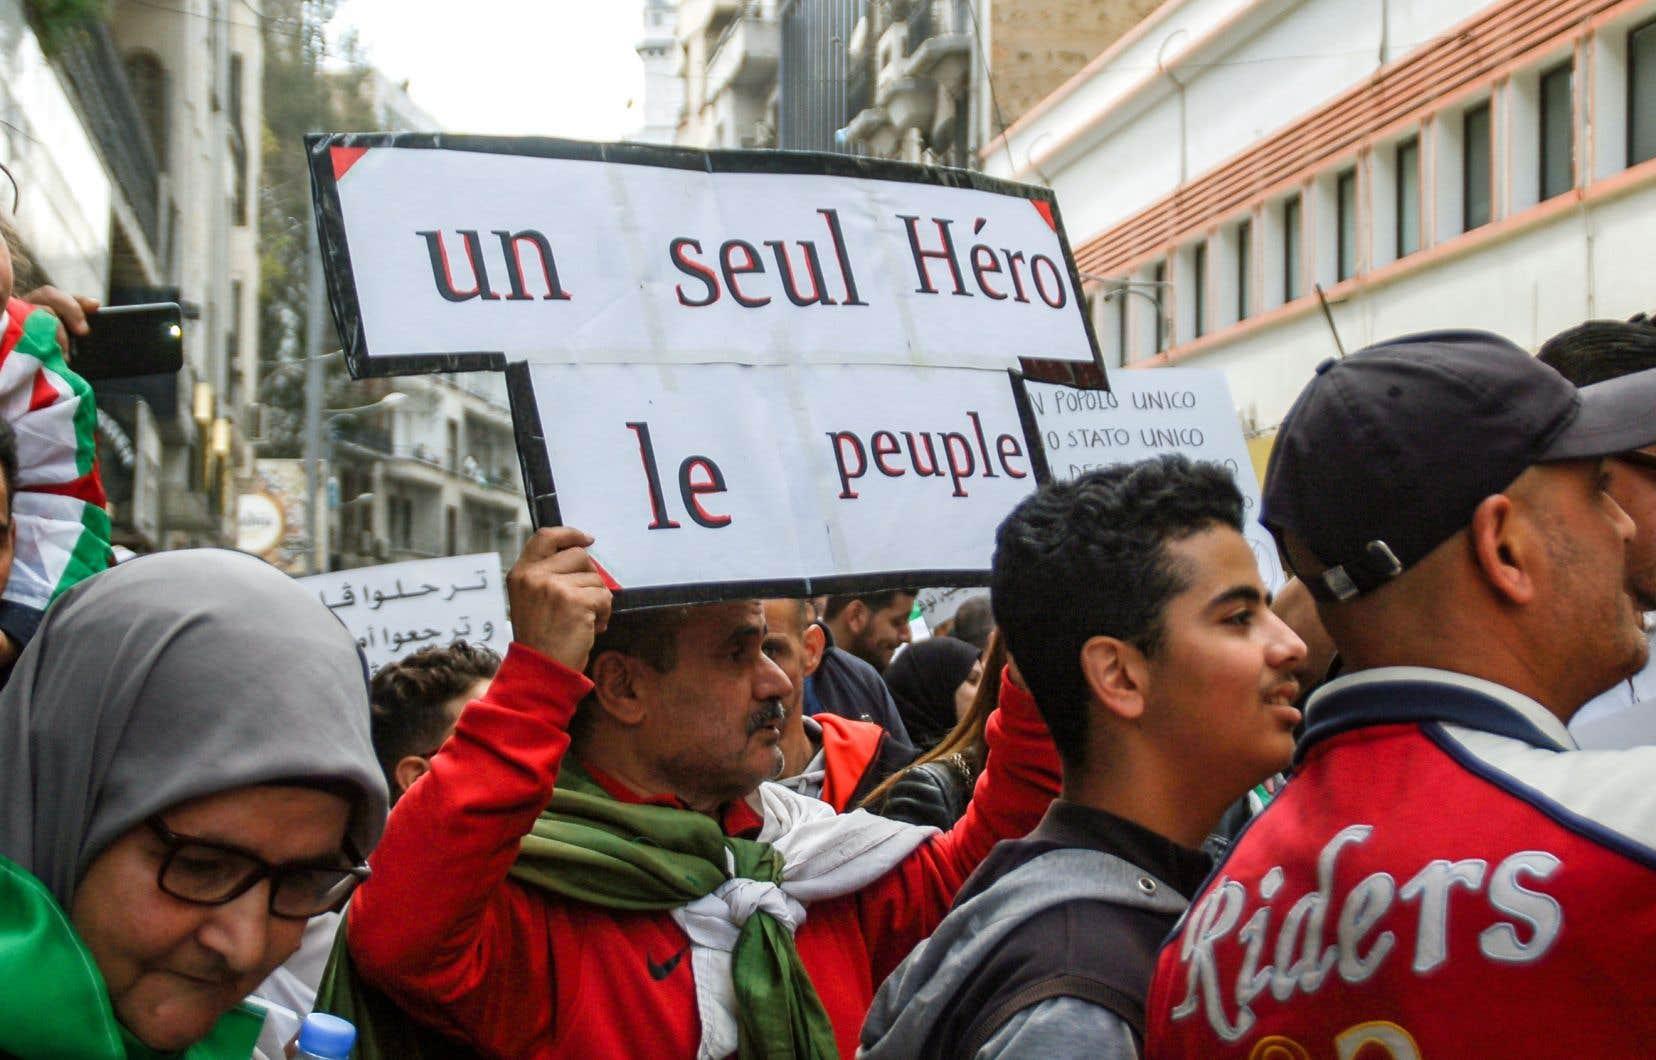 Le président Bouteflika a choisi d'abdiquer et de quitter le pouvoir dans la disgrâce, sous les cris d'une jeunesse souriante qui, depuis le 22février dans les rues du pays, l'invite à «dégager». L'histoire aurait pu se dérouler autrement, selon les experts.